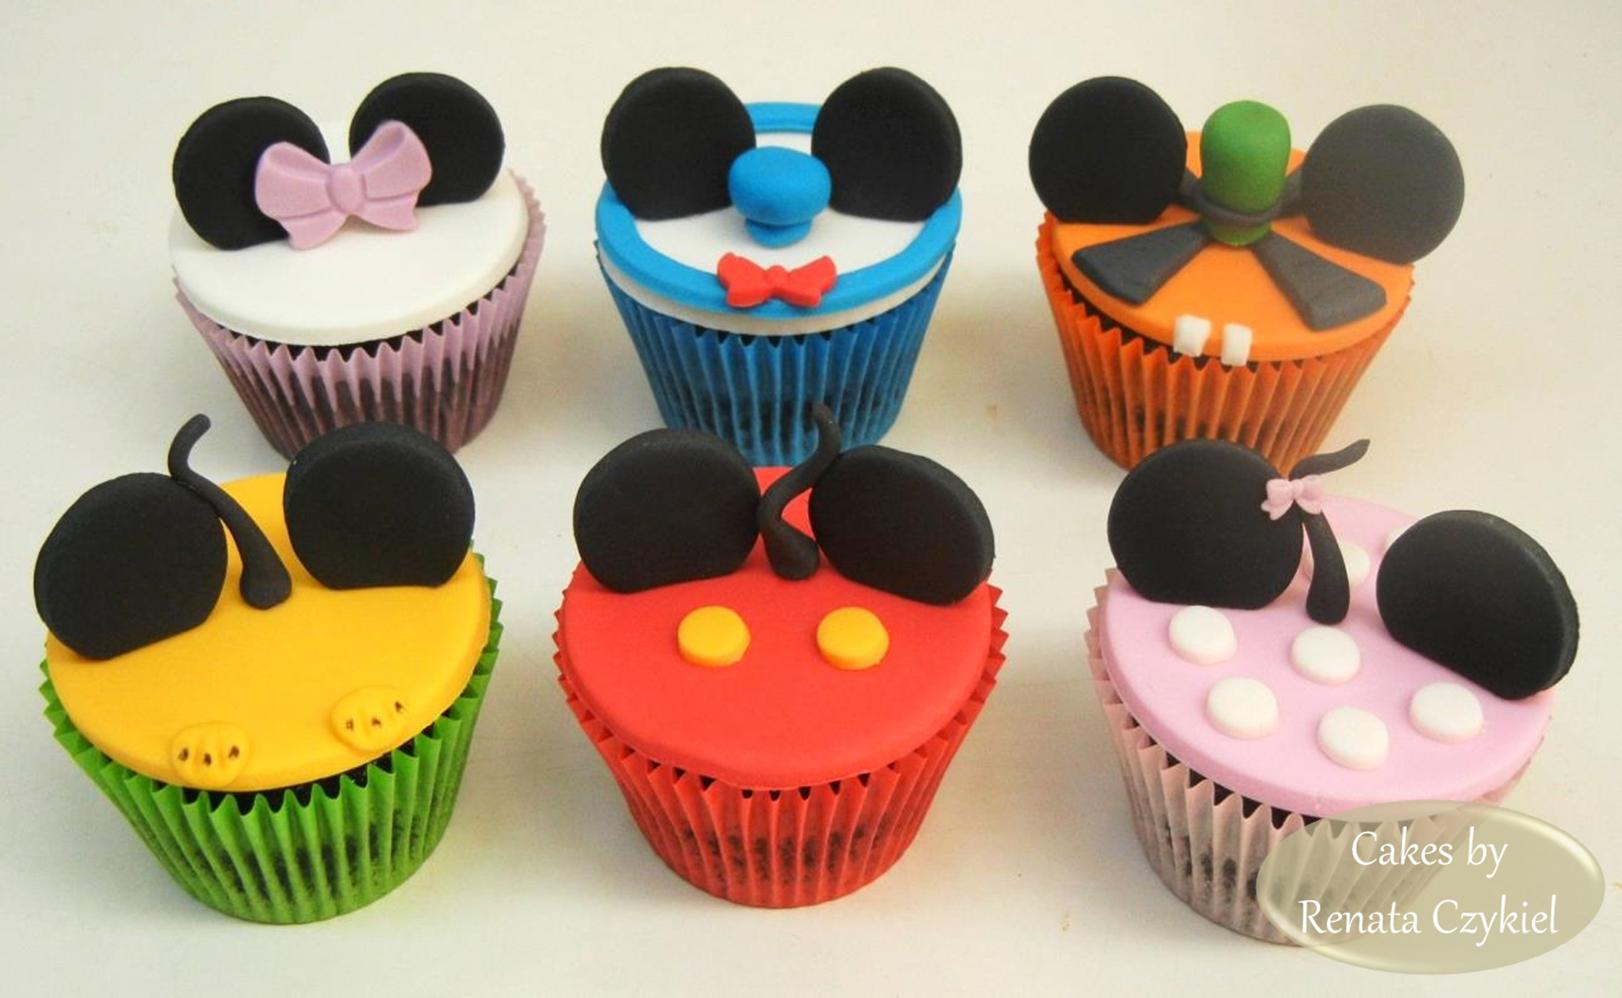 Pin de Renata Czykiel em Cupcakes & Cakes by Renata Czykiel